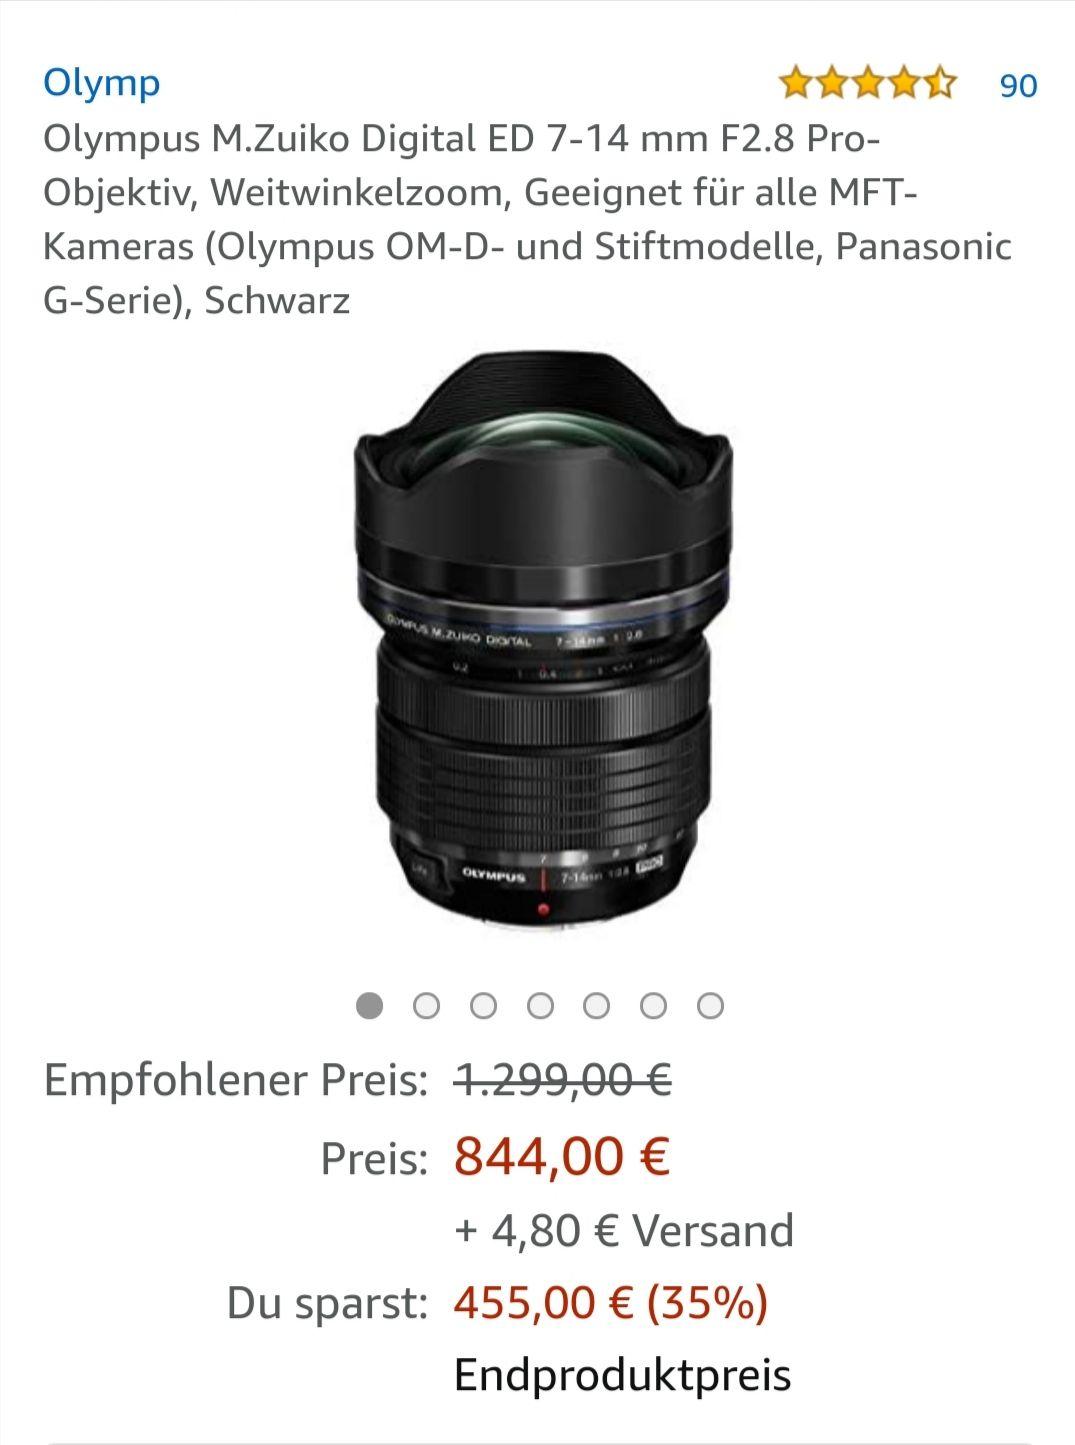 Olympus M.Zuiko Digital ED 7-14 mm F2.8 Pro-Objektiv.